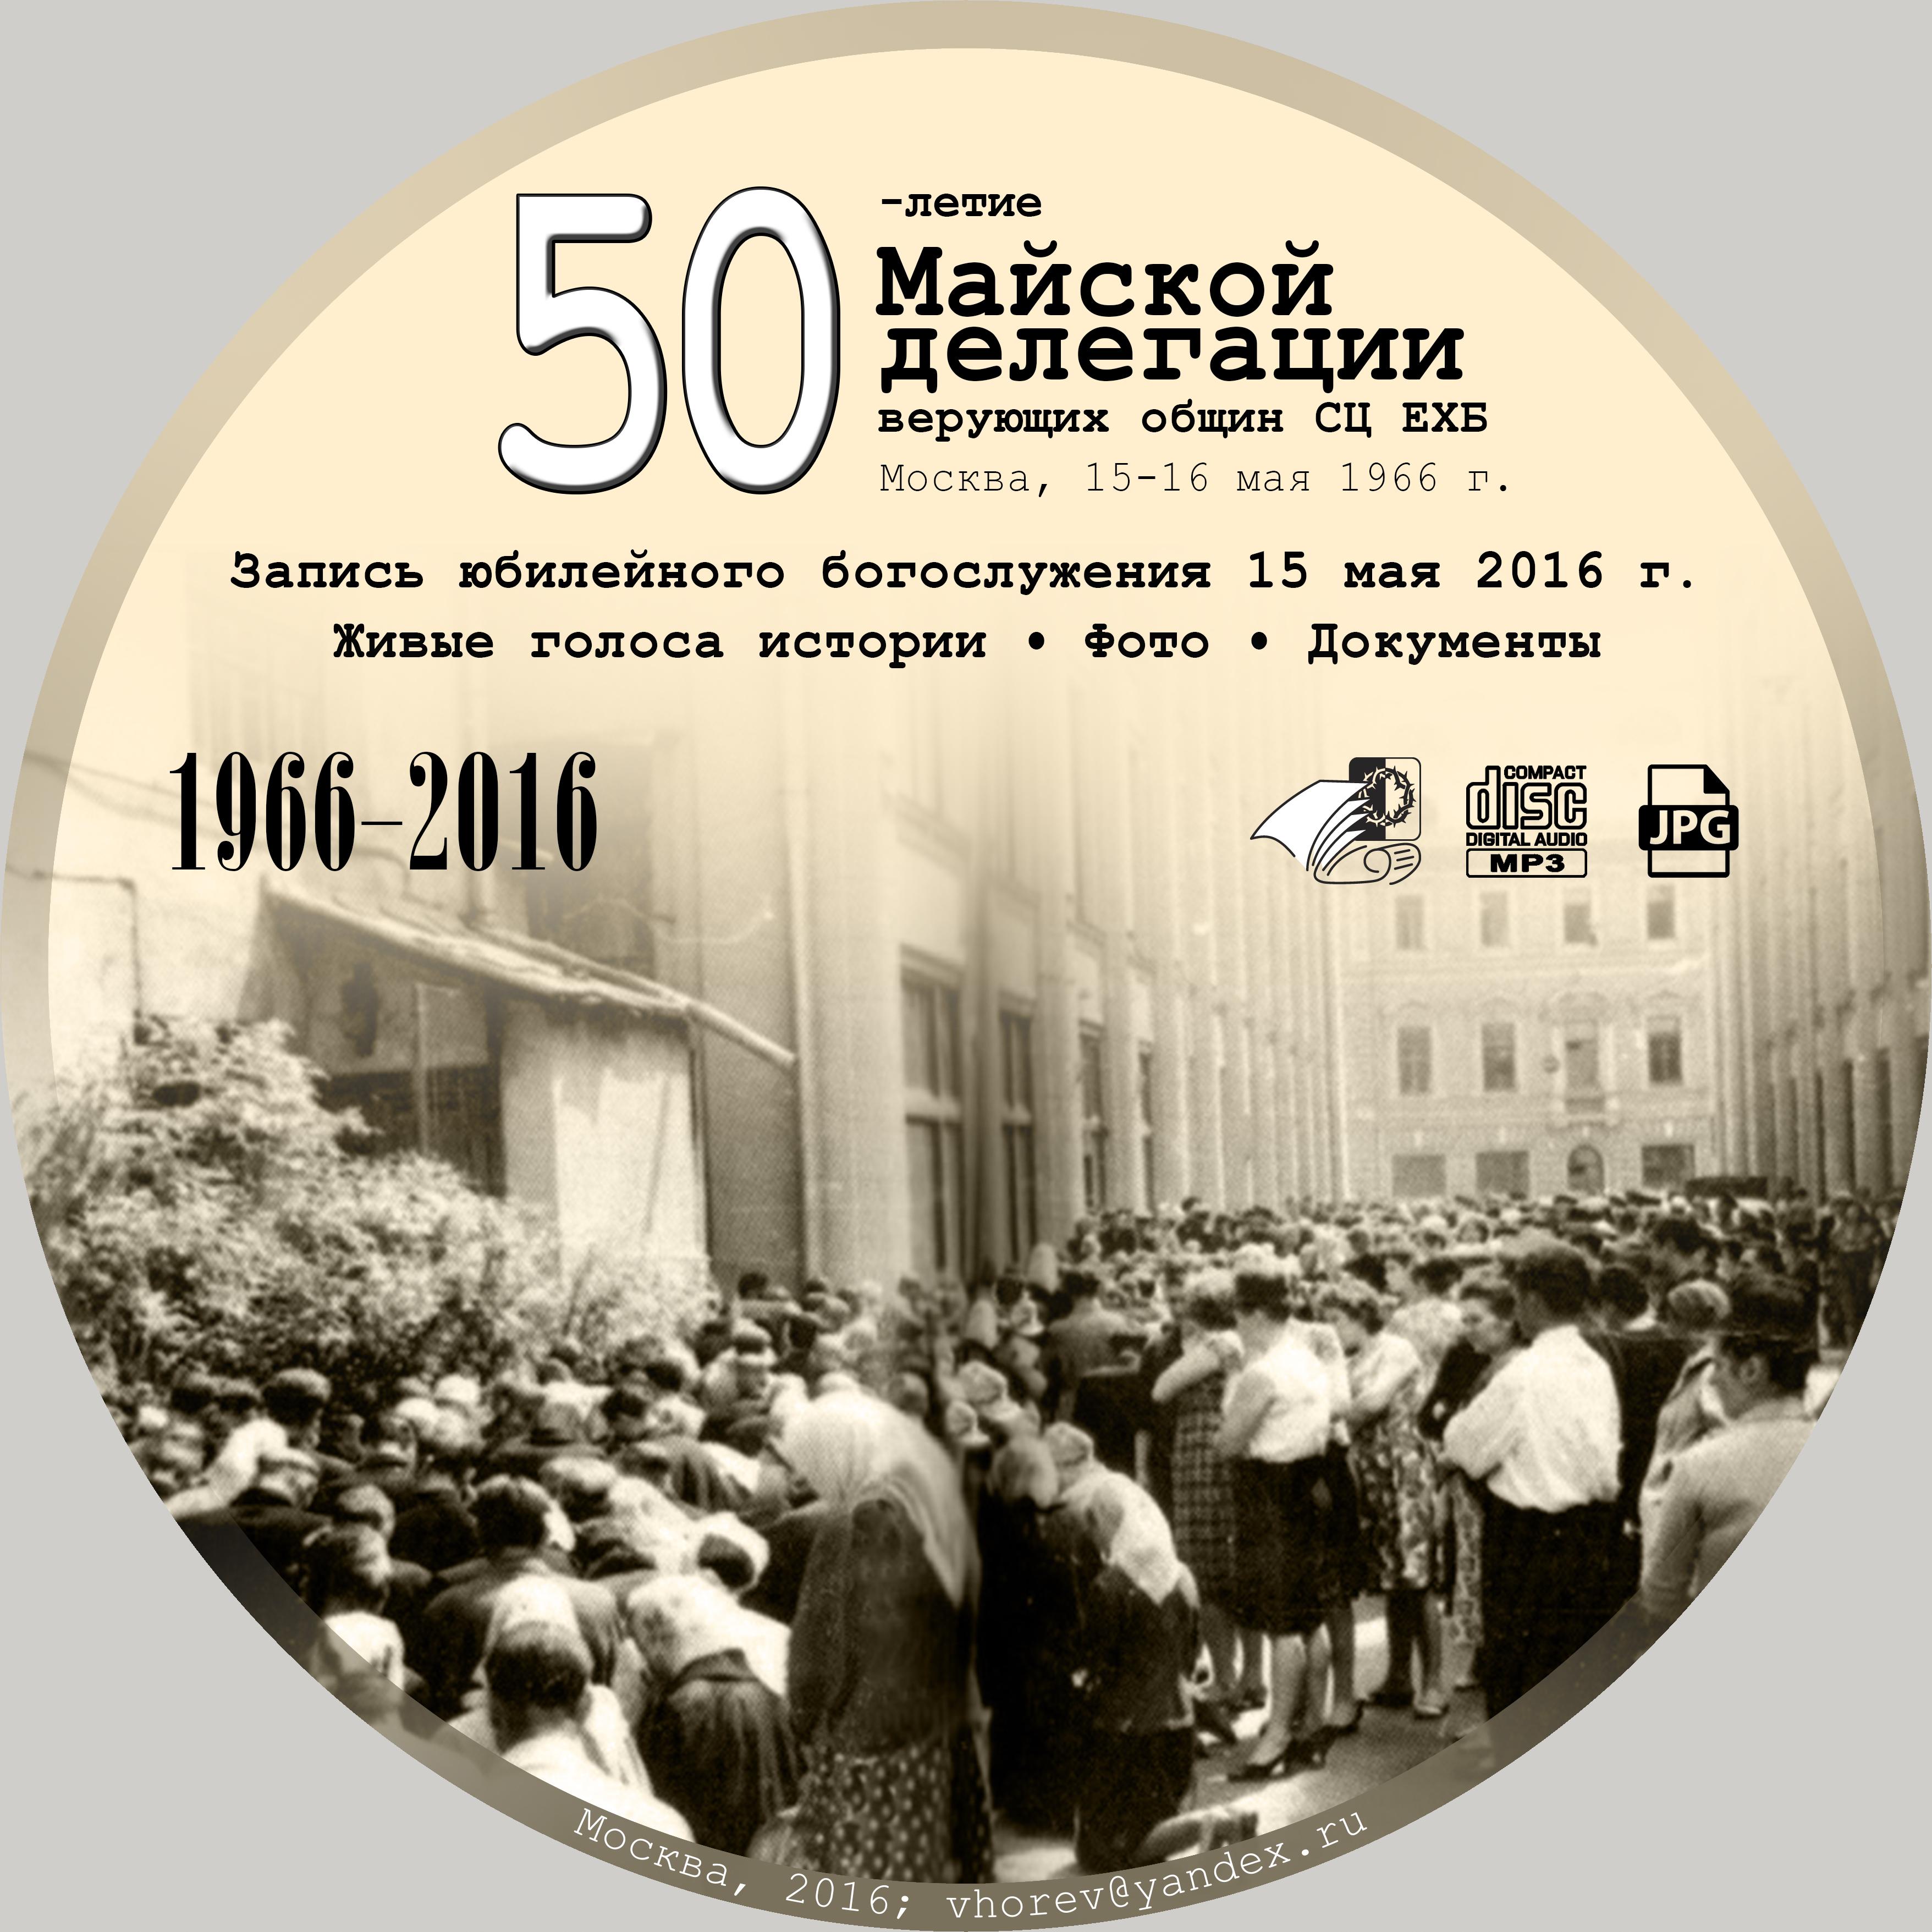 50-летие Майской делегации верующих общин СЦ ЕХБ, Москва, 15-16 мая 1966 г. (1966-2016)